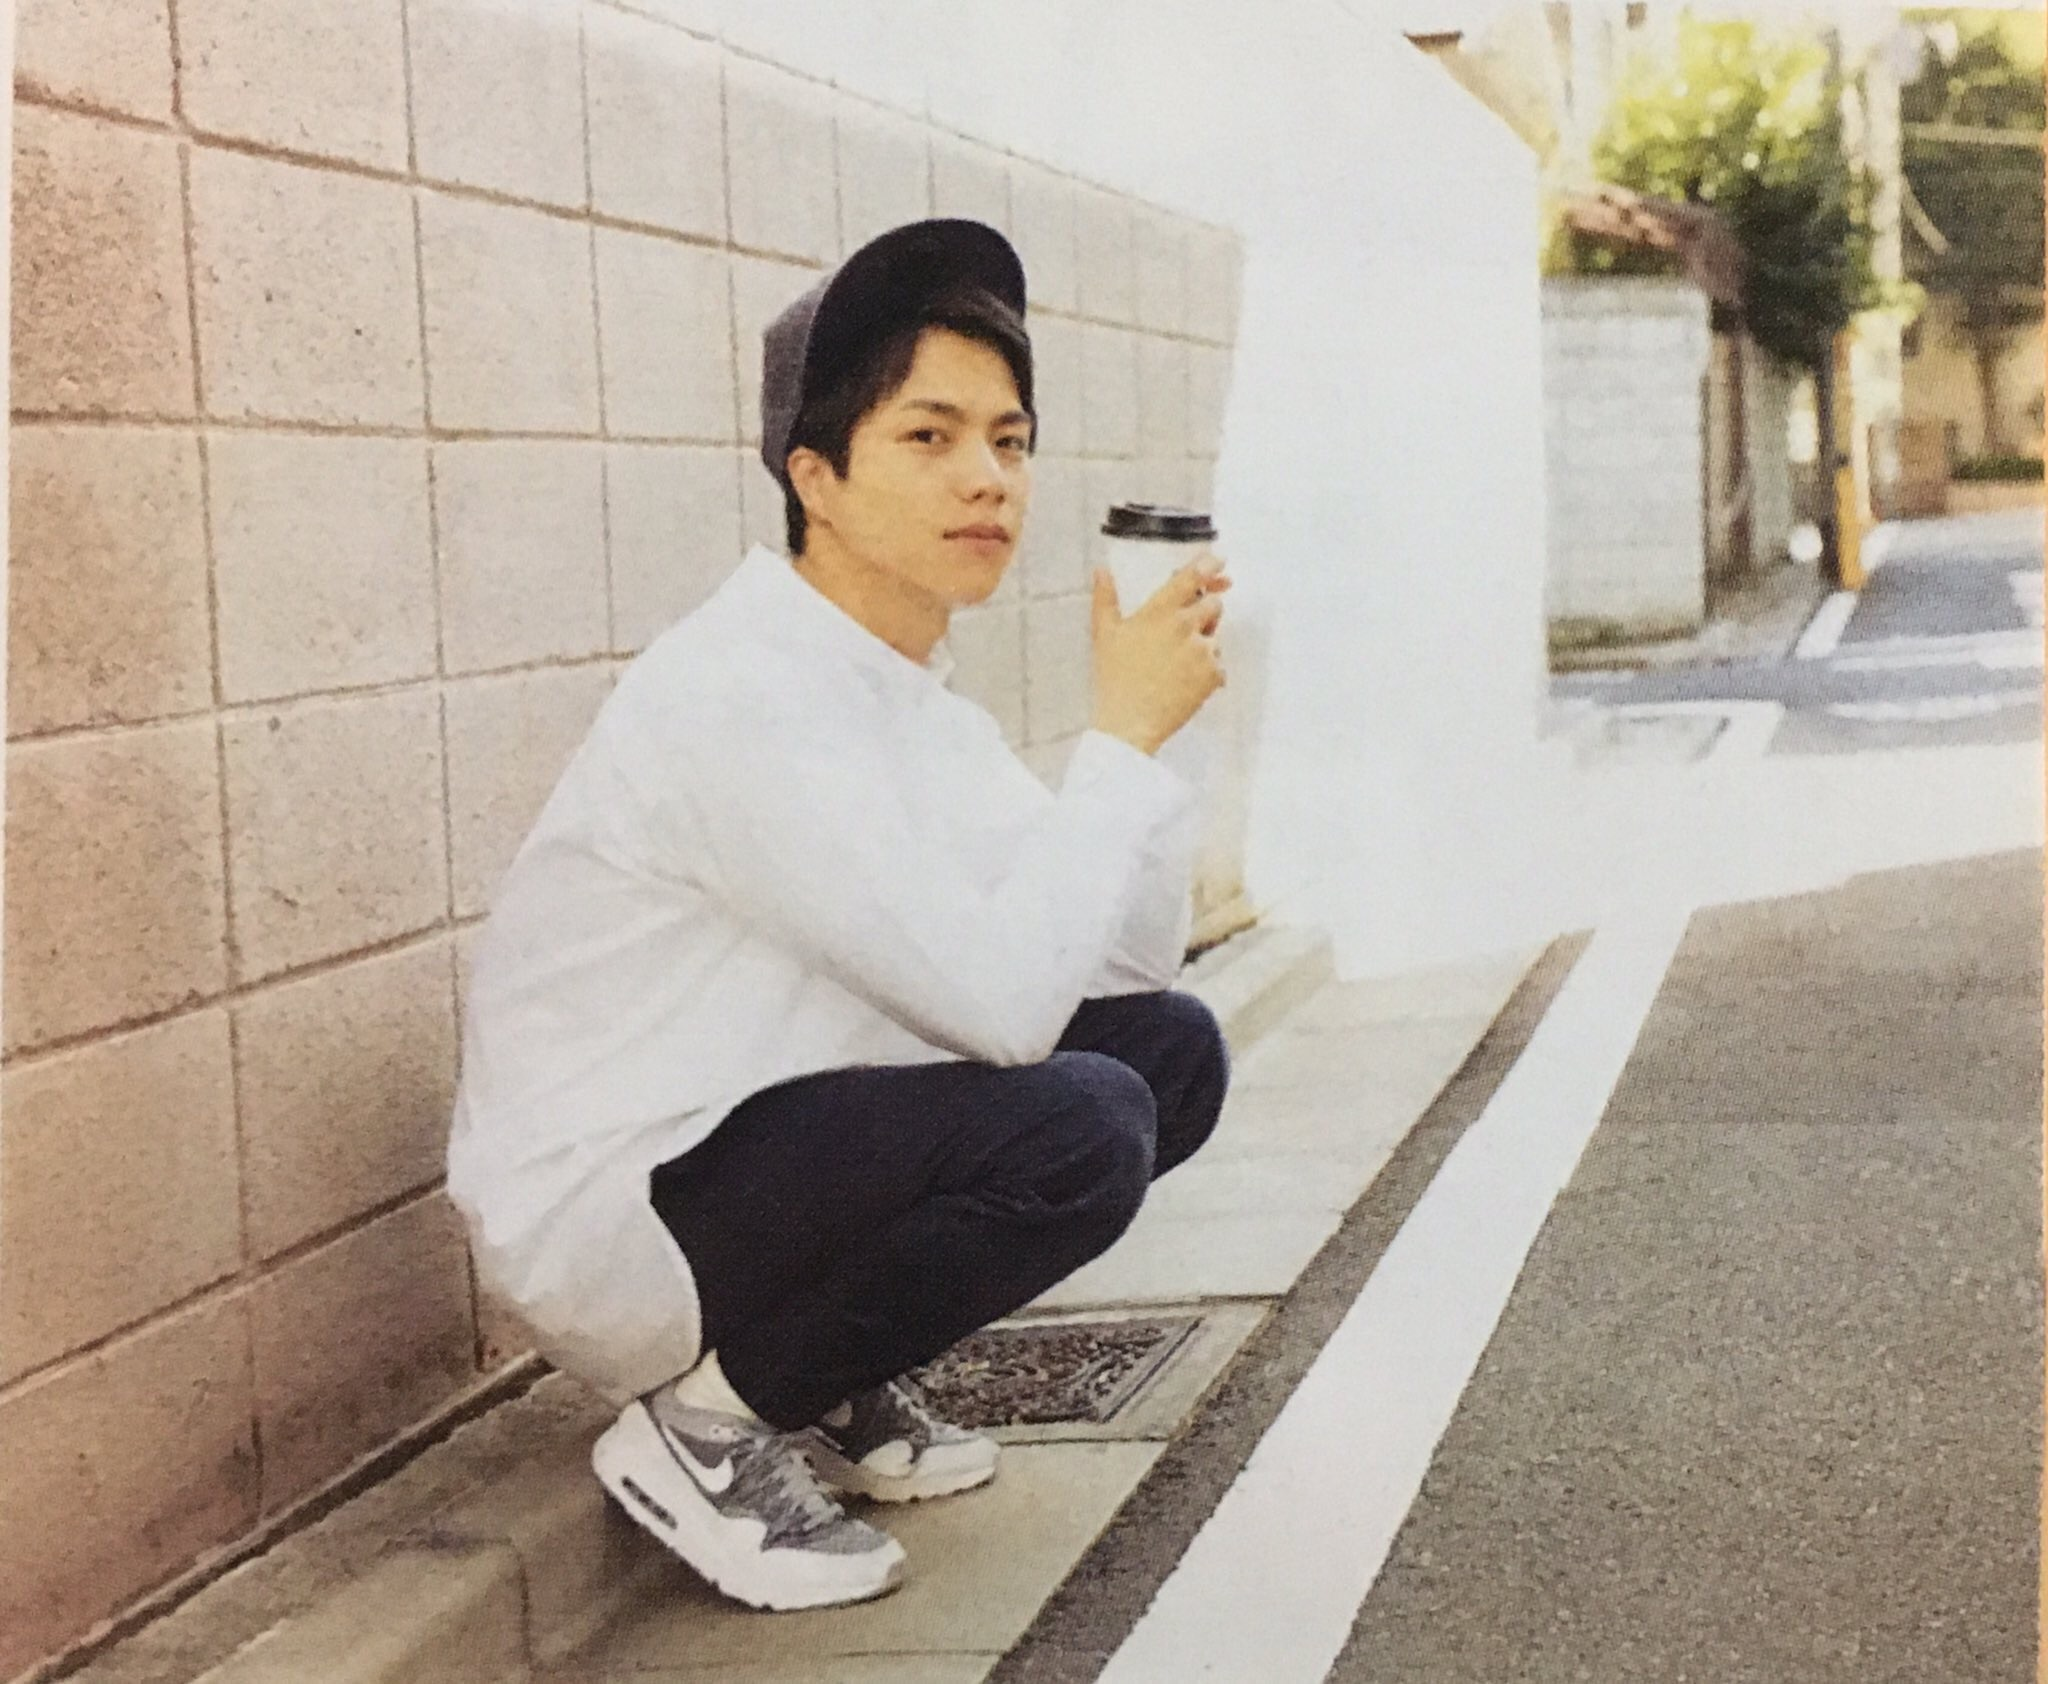 f:id:Kansai_J:20161022130452j:image